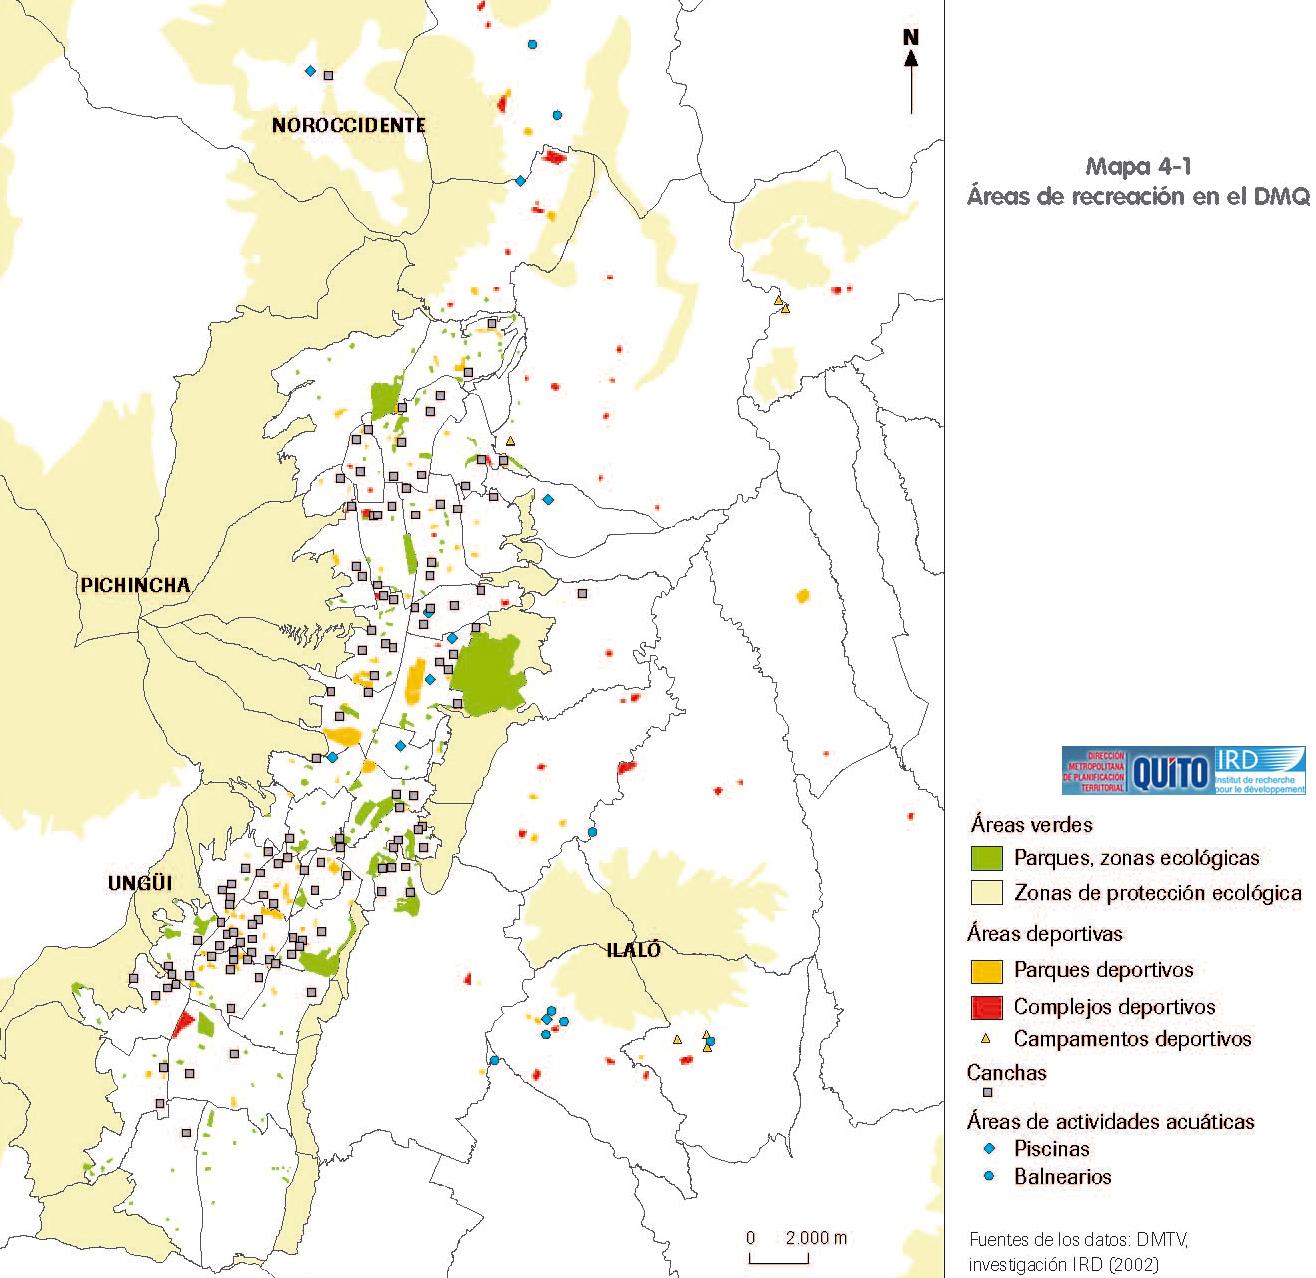 Mapa de Áreas de recreación en el Distrito Metropolitano de Quito 2002